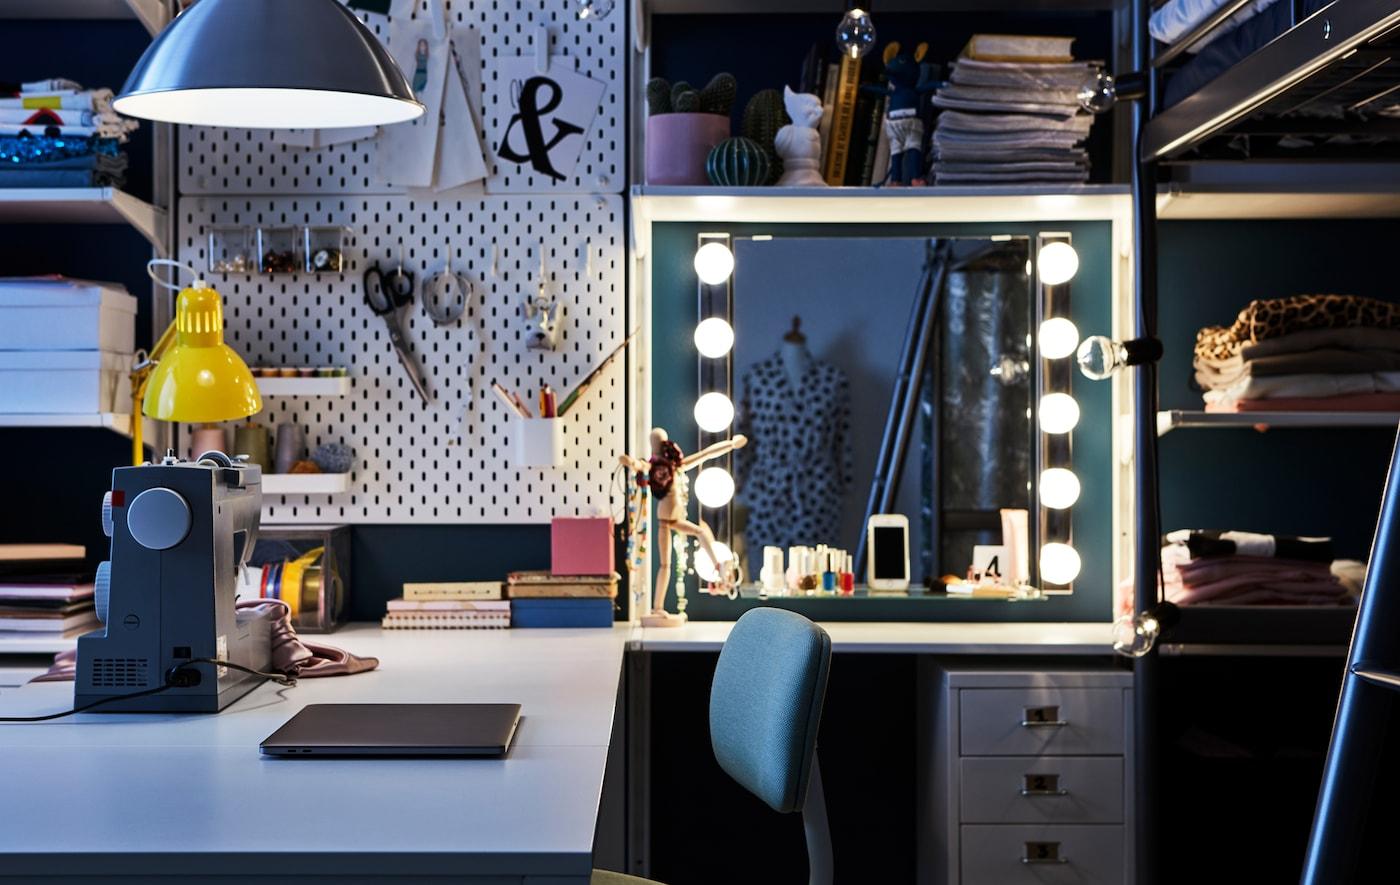 Lanerako gunea idazmahai bat, josteko makina, apain-mahaia eta IKEA SKÅDIS zulatutako ohola duen logela batean.